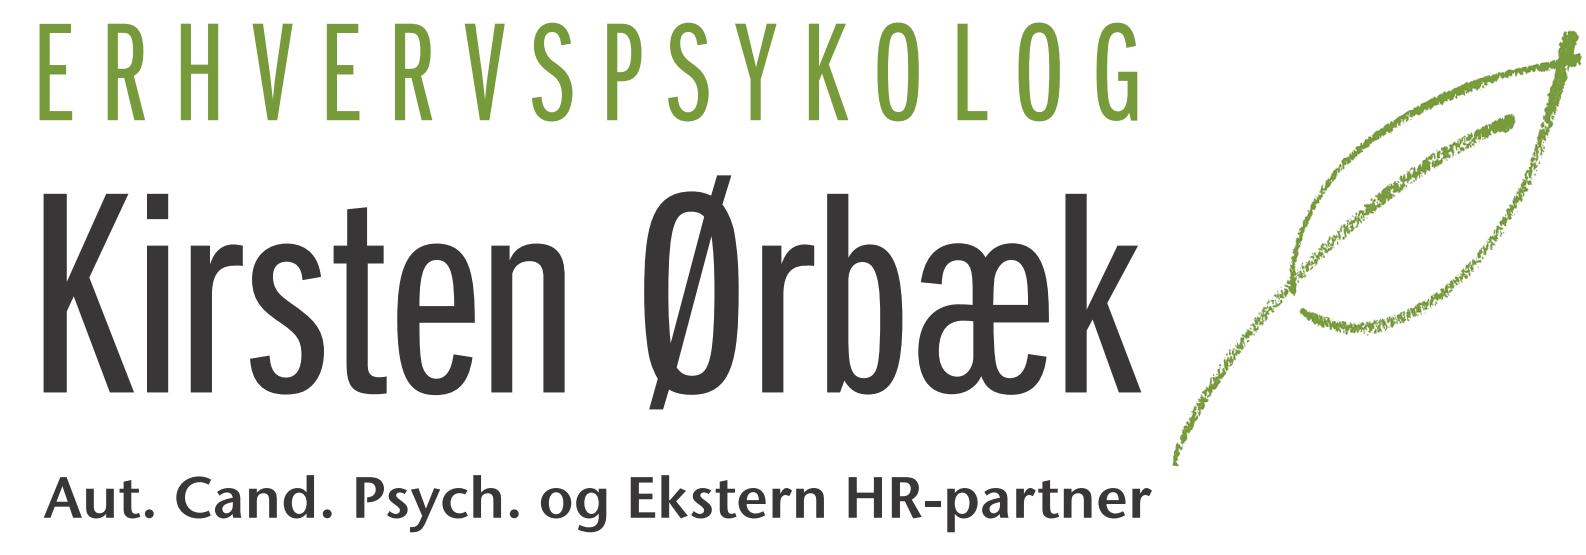 Kirsten Ørbæk, Erhvervspsykolog